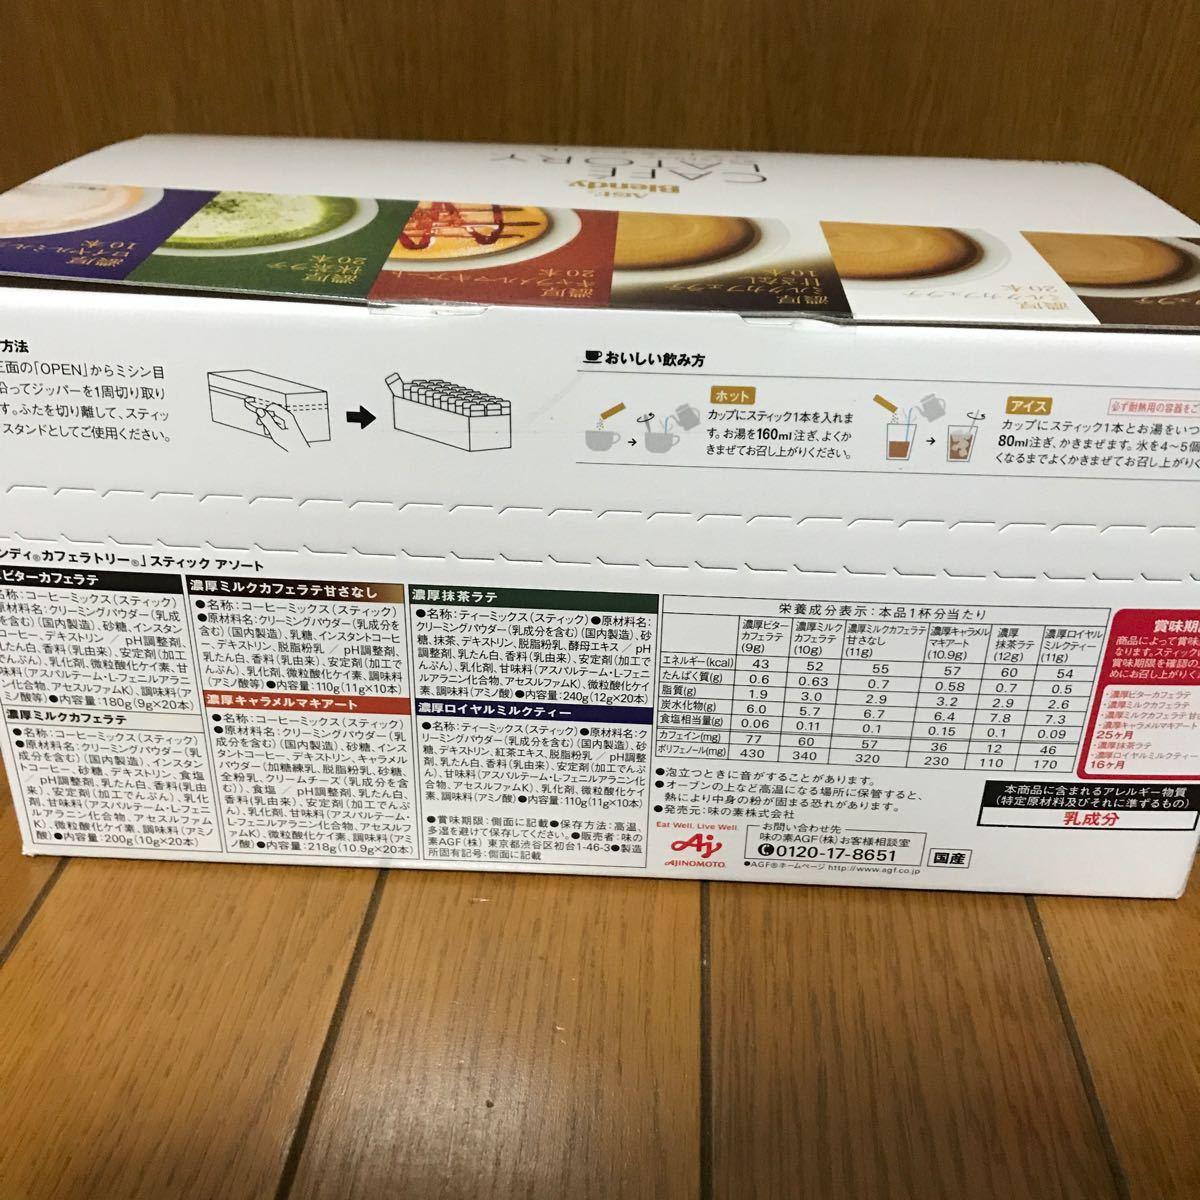 味の素AGF/ブレンディカフェラトリースティック アソート100本